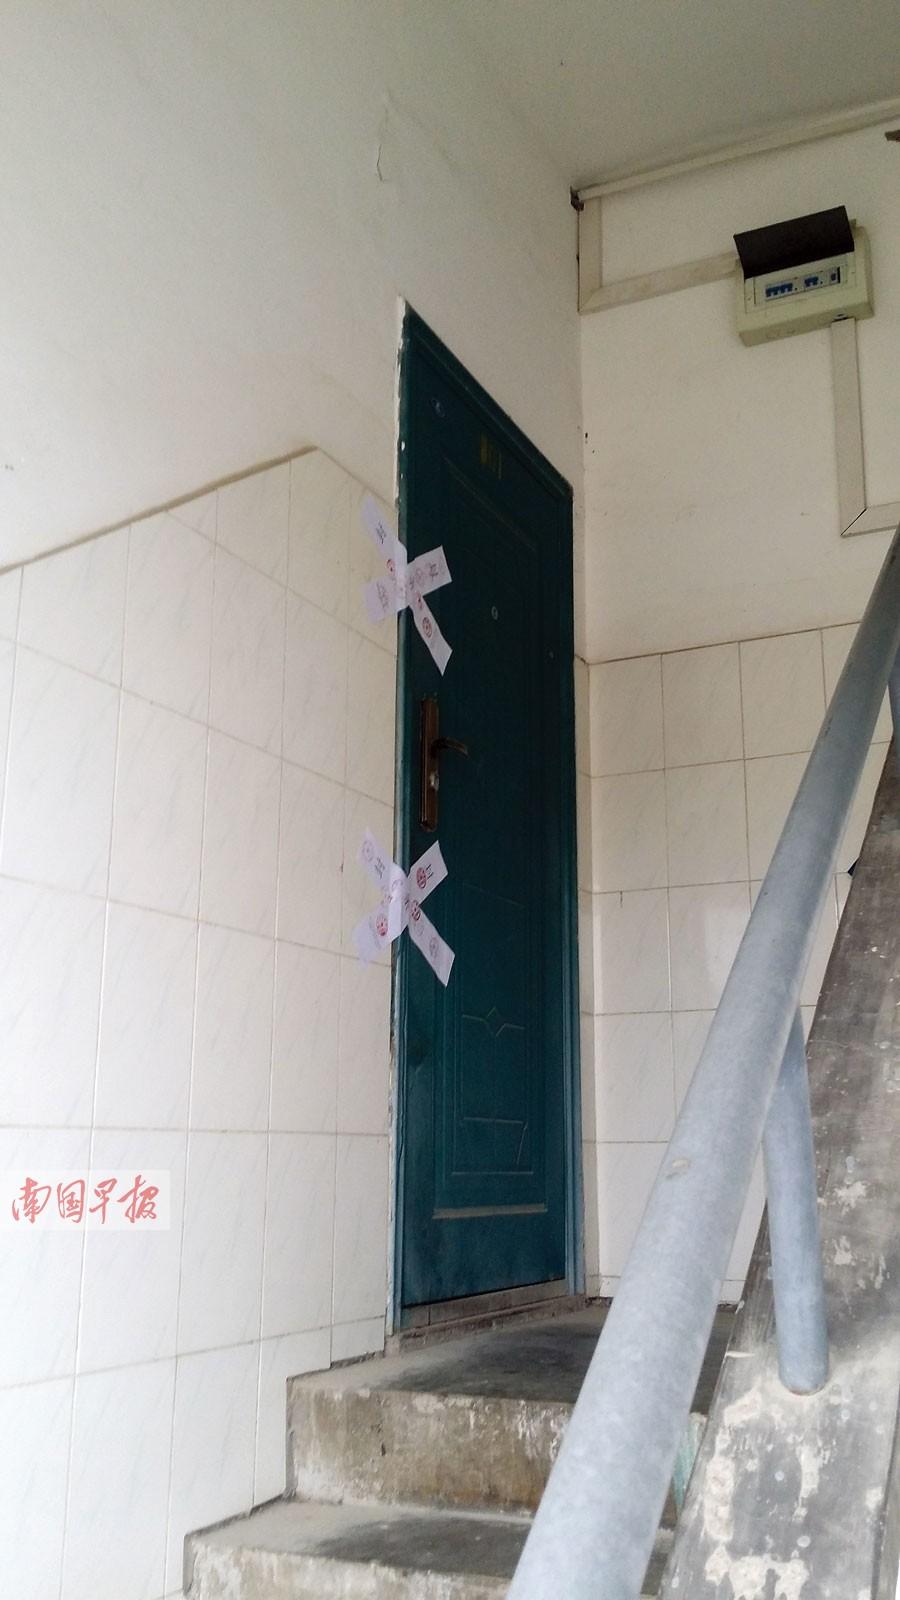 广西大学西校园南区,一博士研究生被人发现死于学生宿舍内,辖区派出所图片